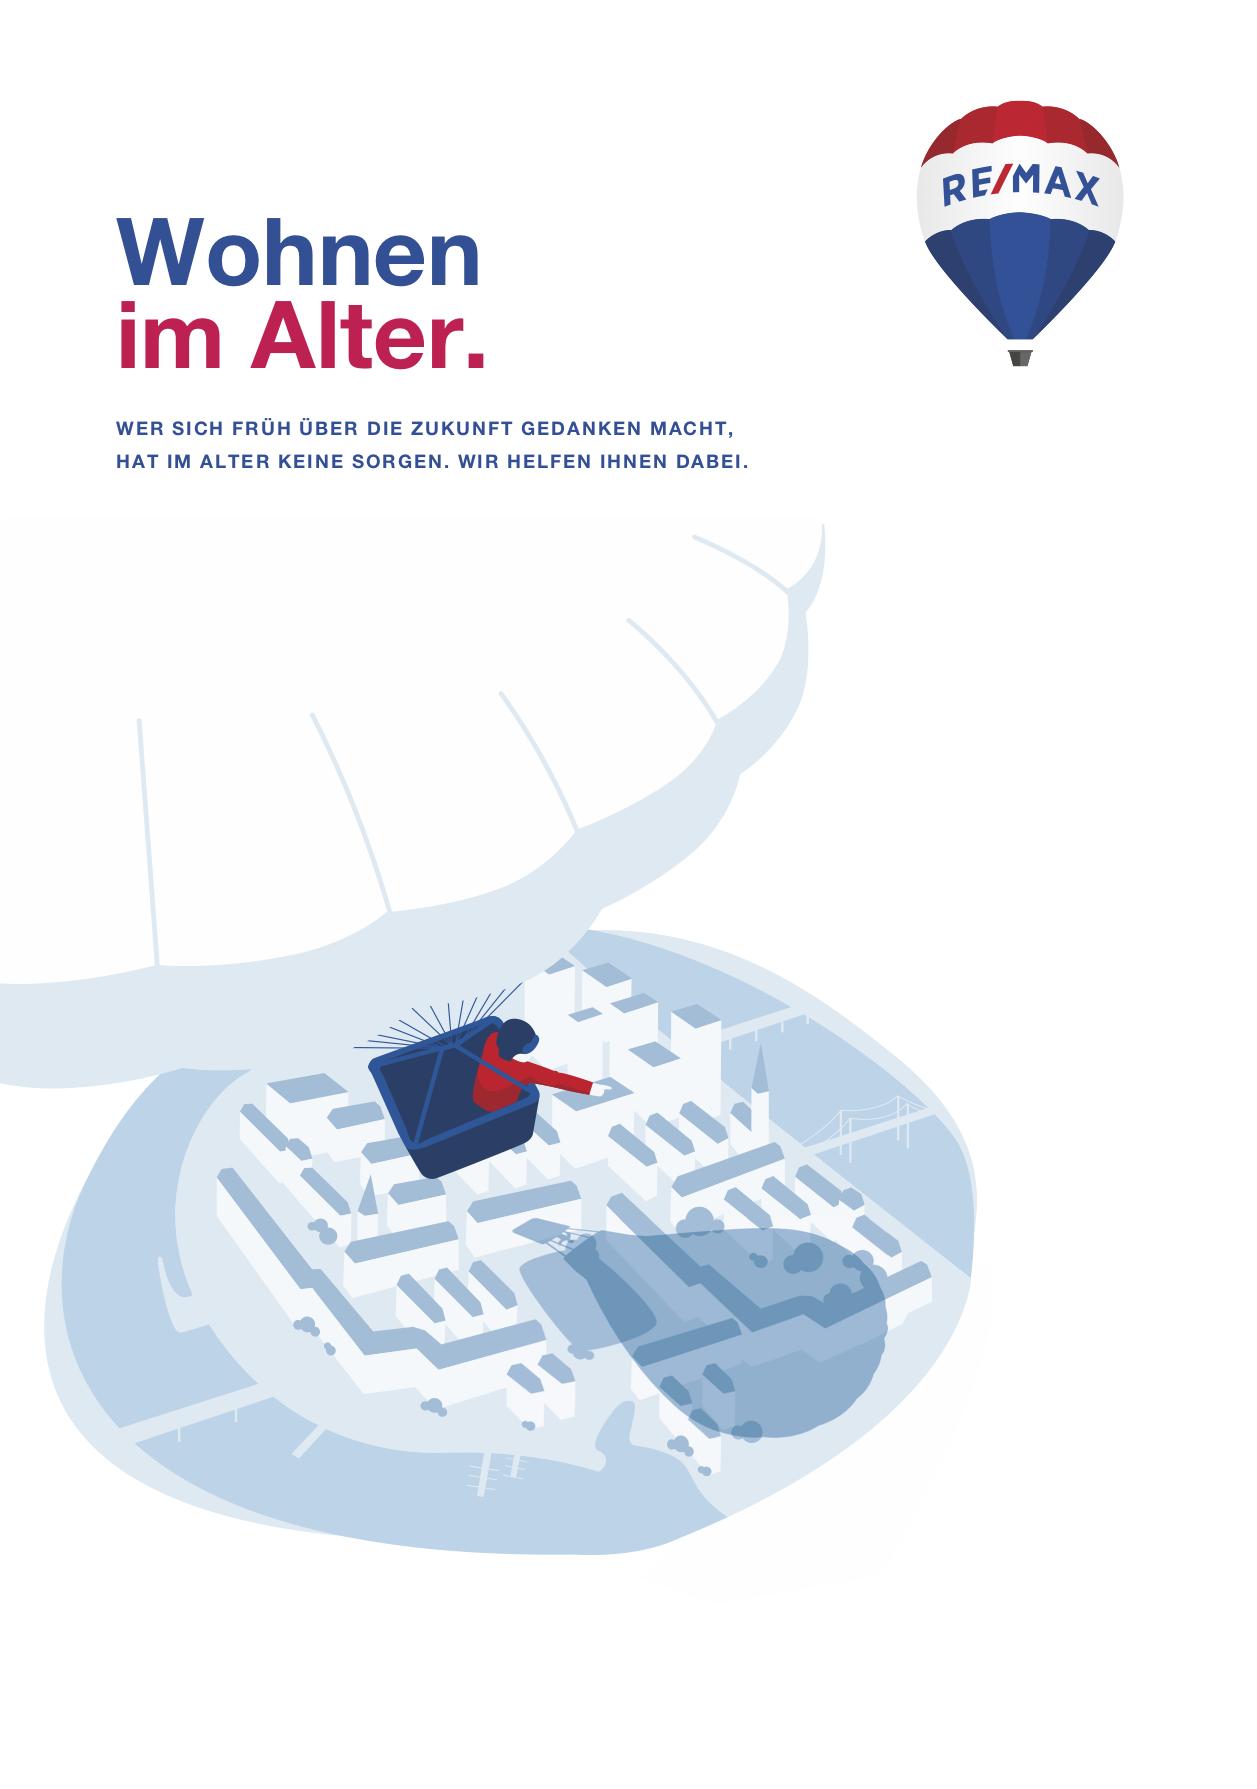 Ratgeber-RE_MAX-Wohnen-im-Alter